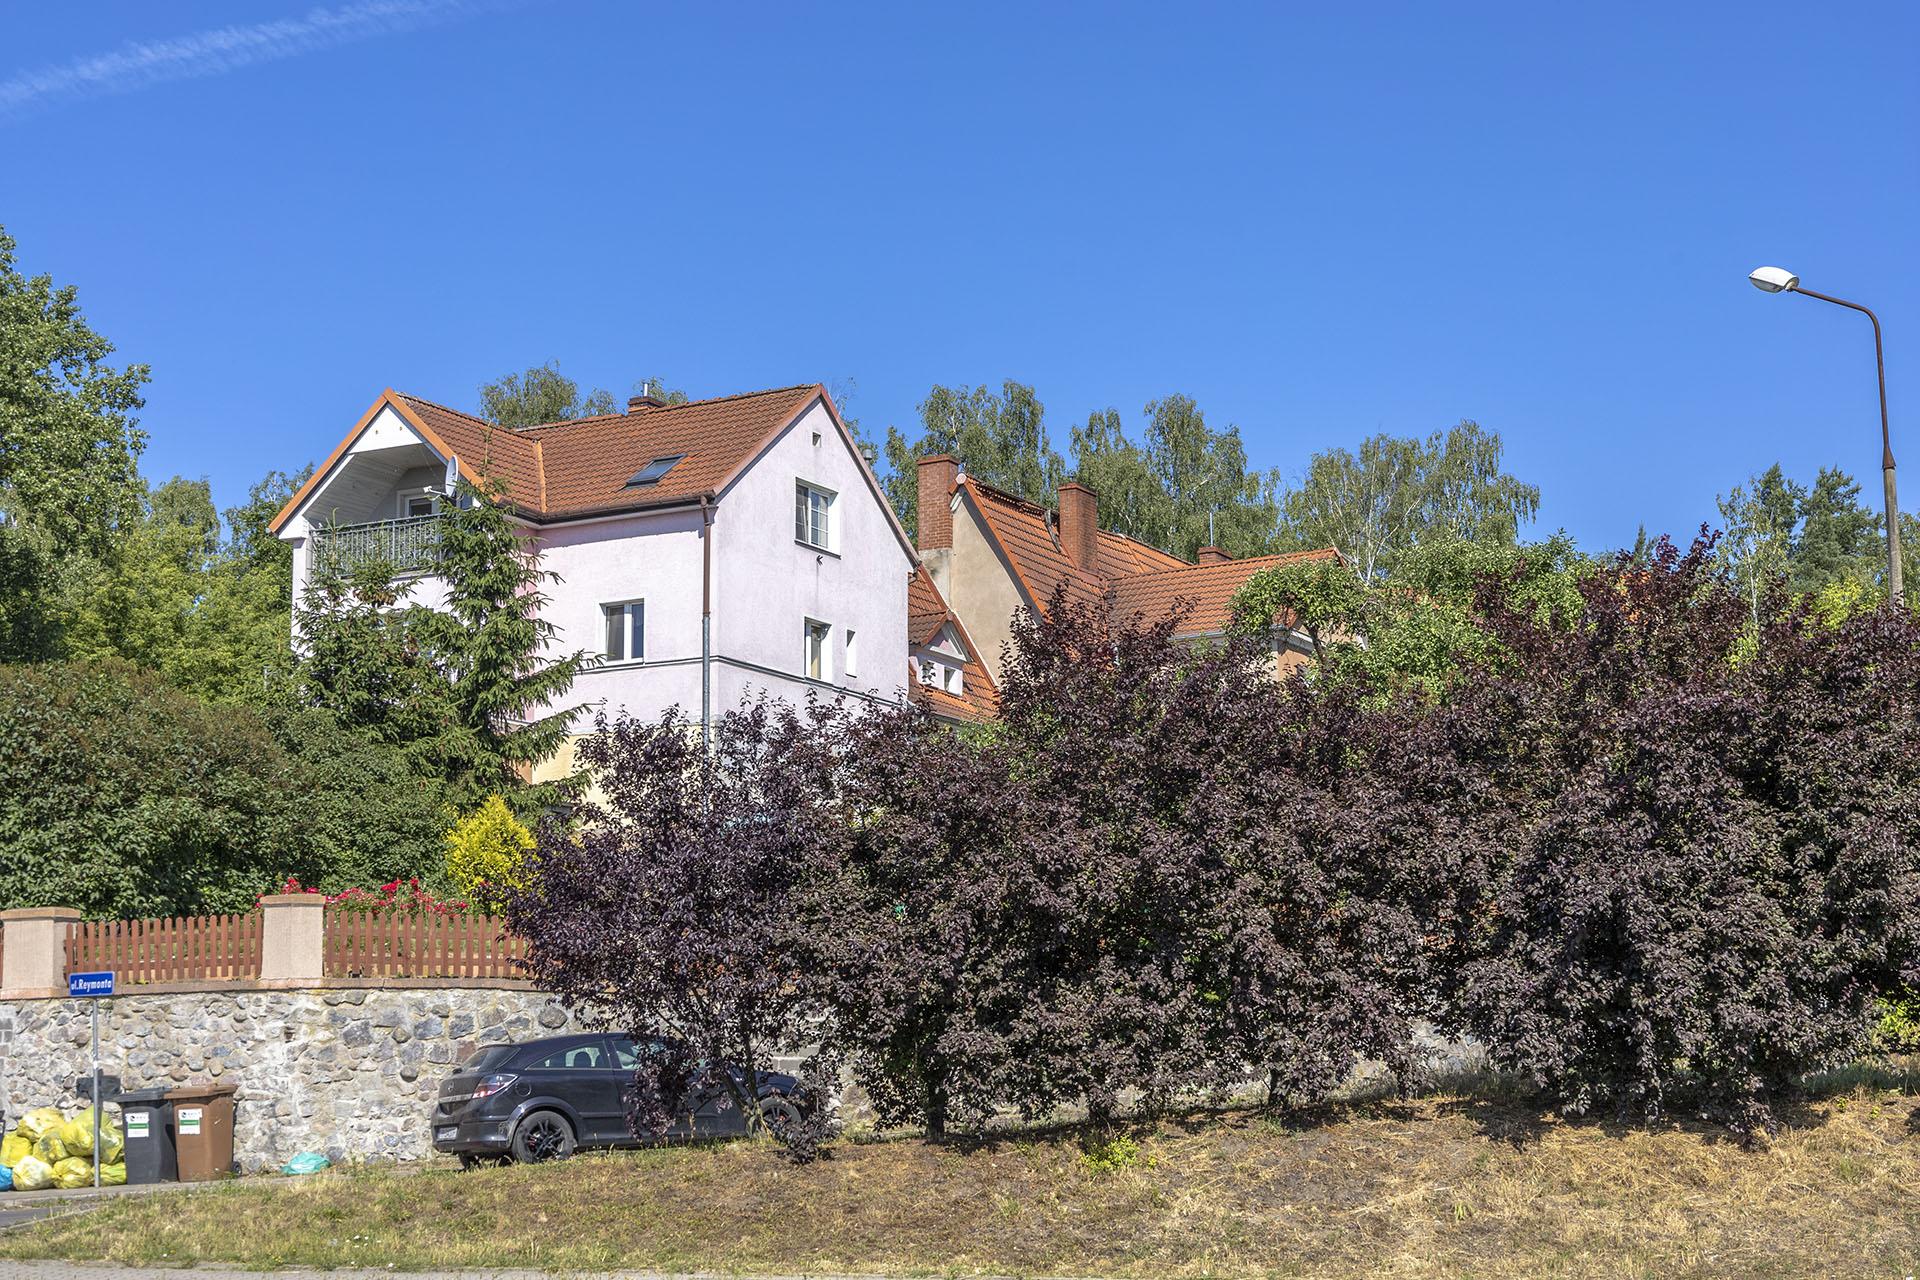 Zabudowa mieszkaniowa przy ulicy Podgórnej wyróżnia się położeniem przy stromej uliczce. Fot. Marcin Maziarz